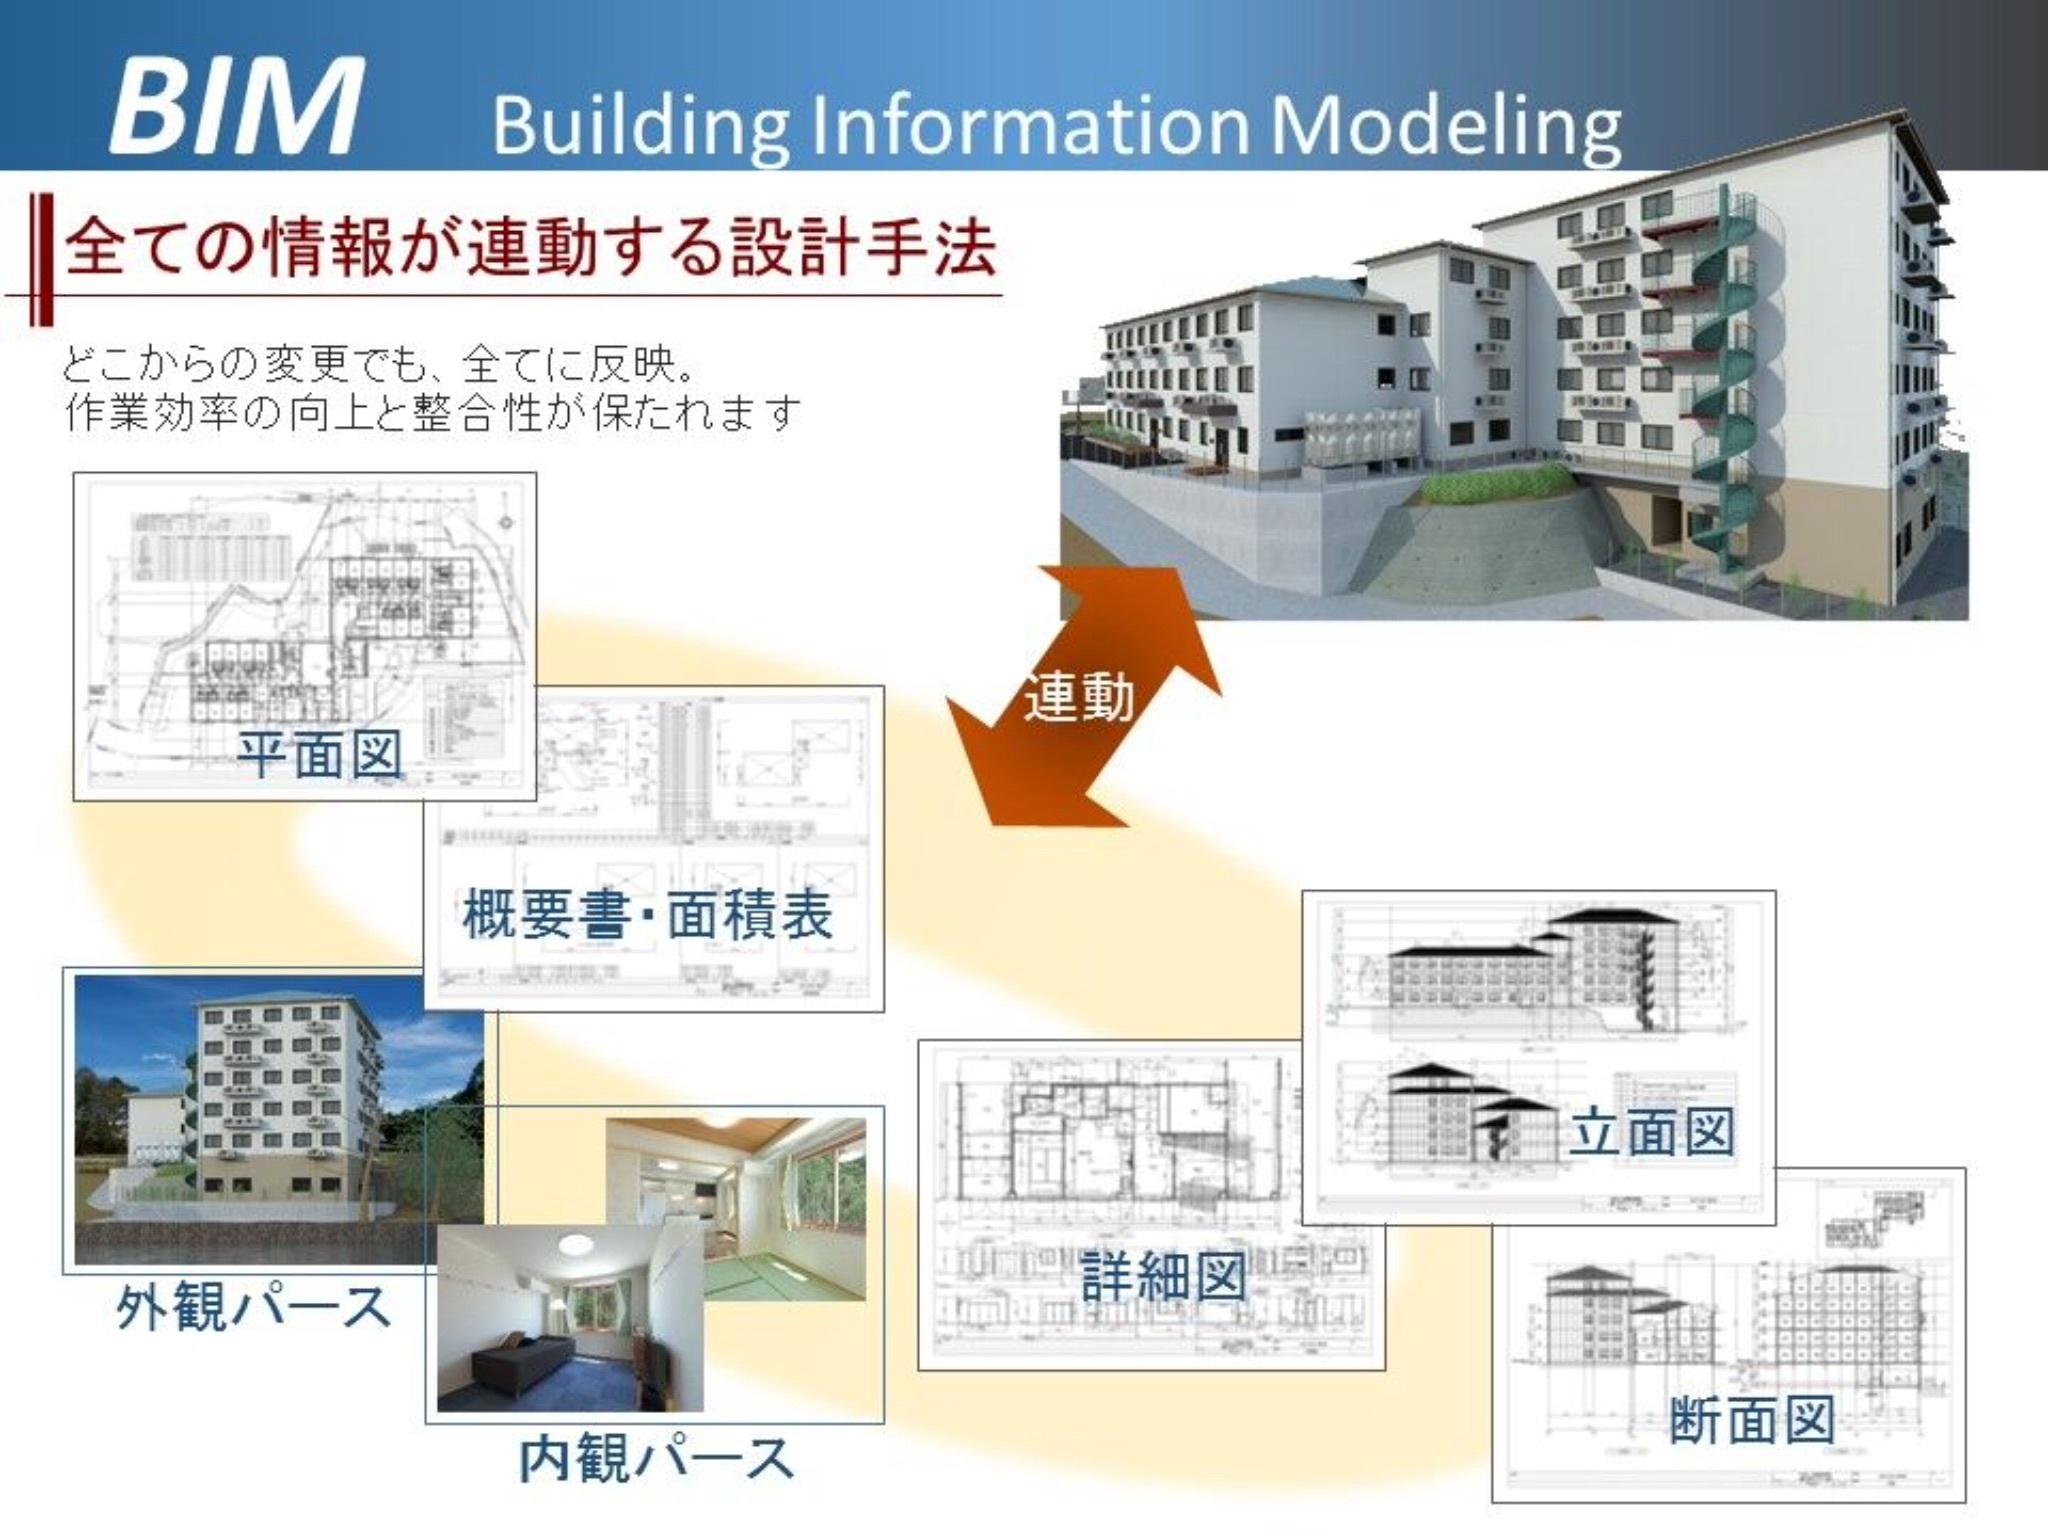 BIMは、全ての情報が連動する設計手法です。